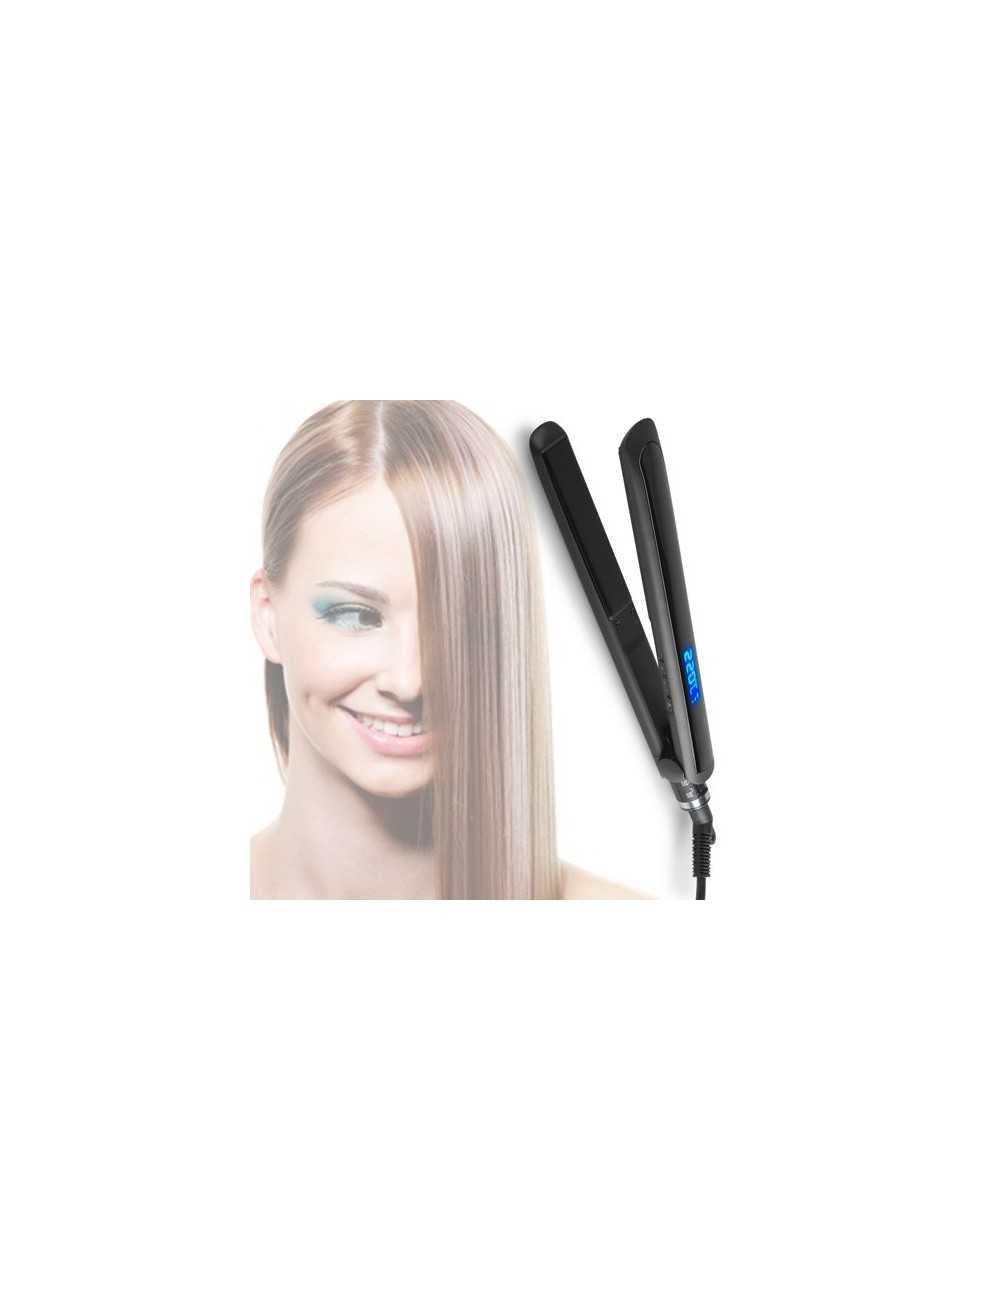 Το εξαιρετικό ισιωτικό μαλλιών Tristar HD2389 είναι το ιδανικό αξεσουάρ για  να ισιώσετε ατίθασα 381236c88b7